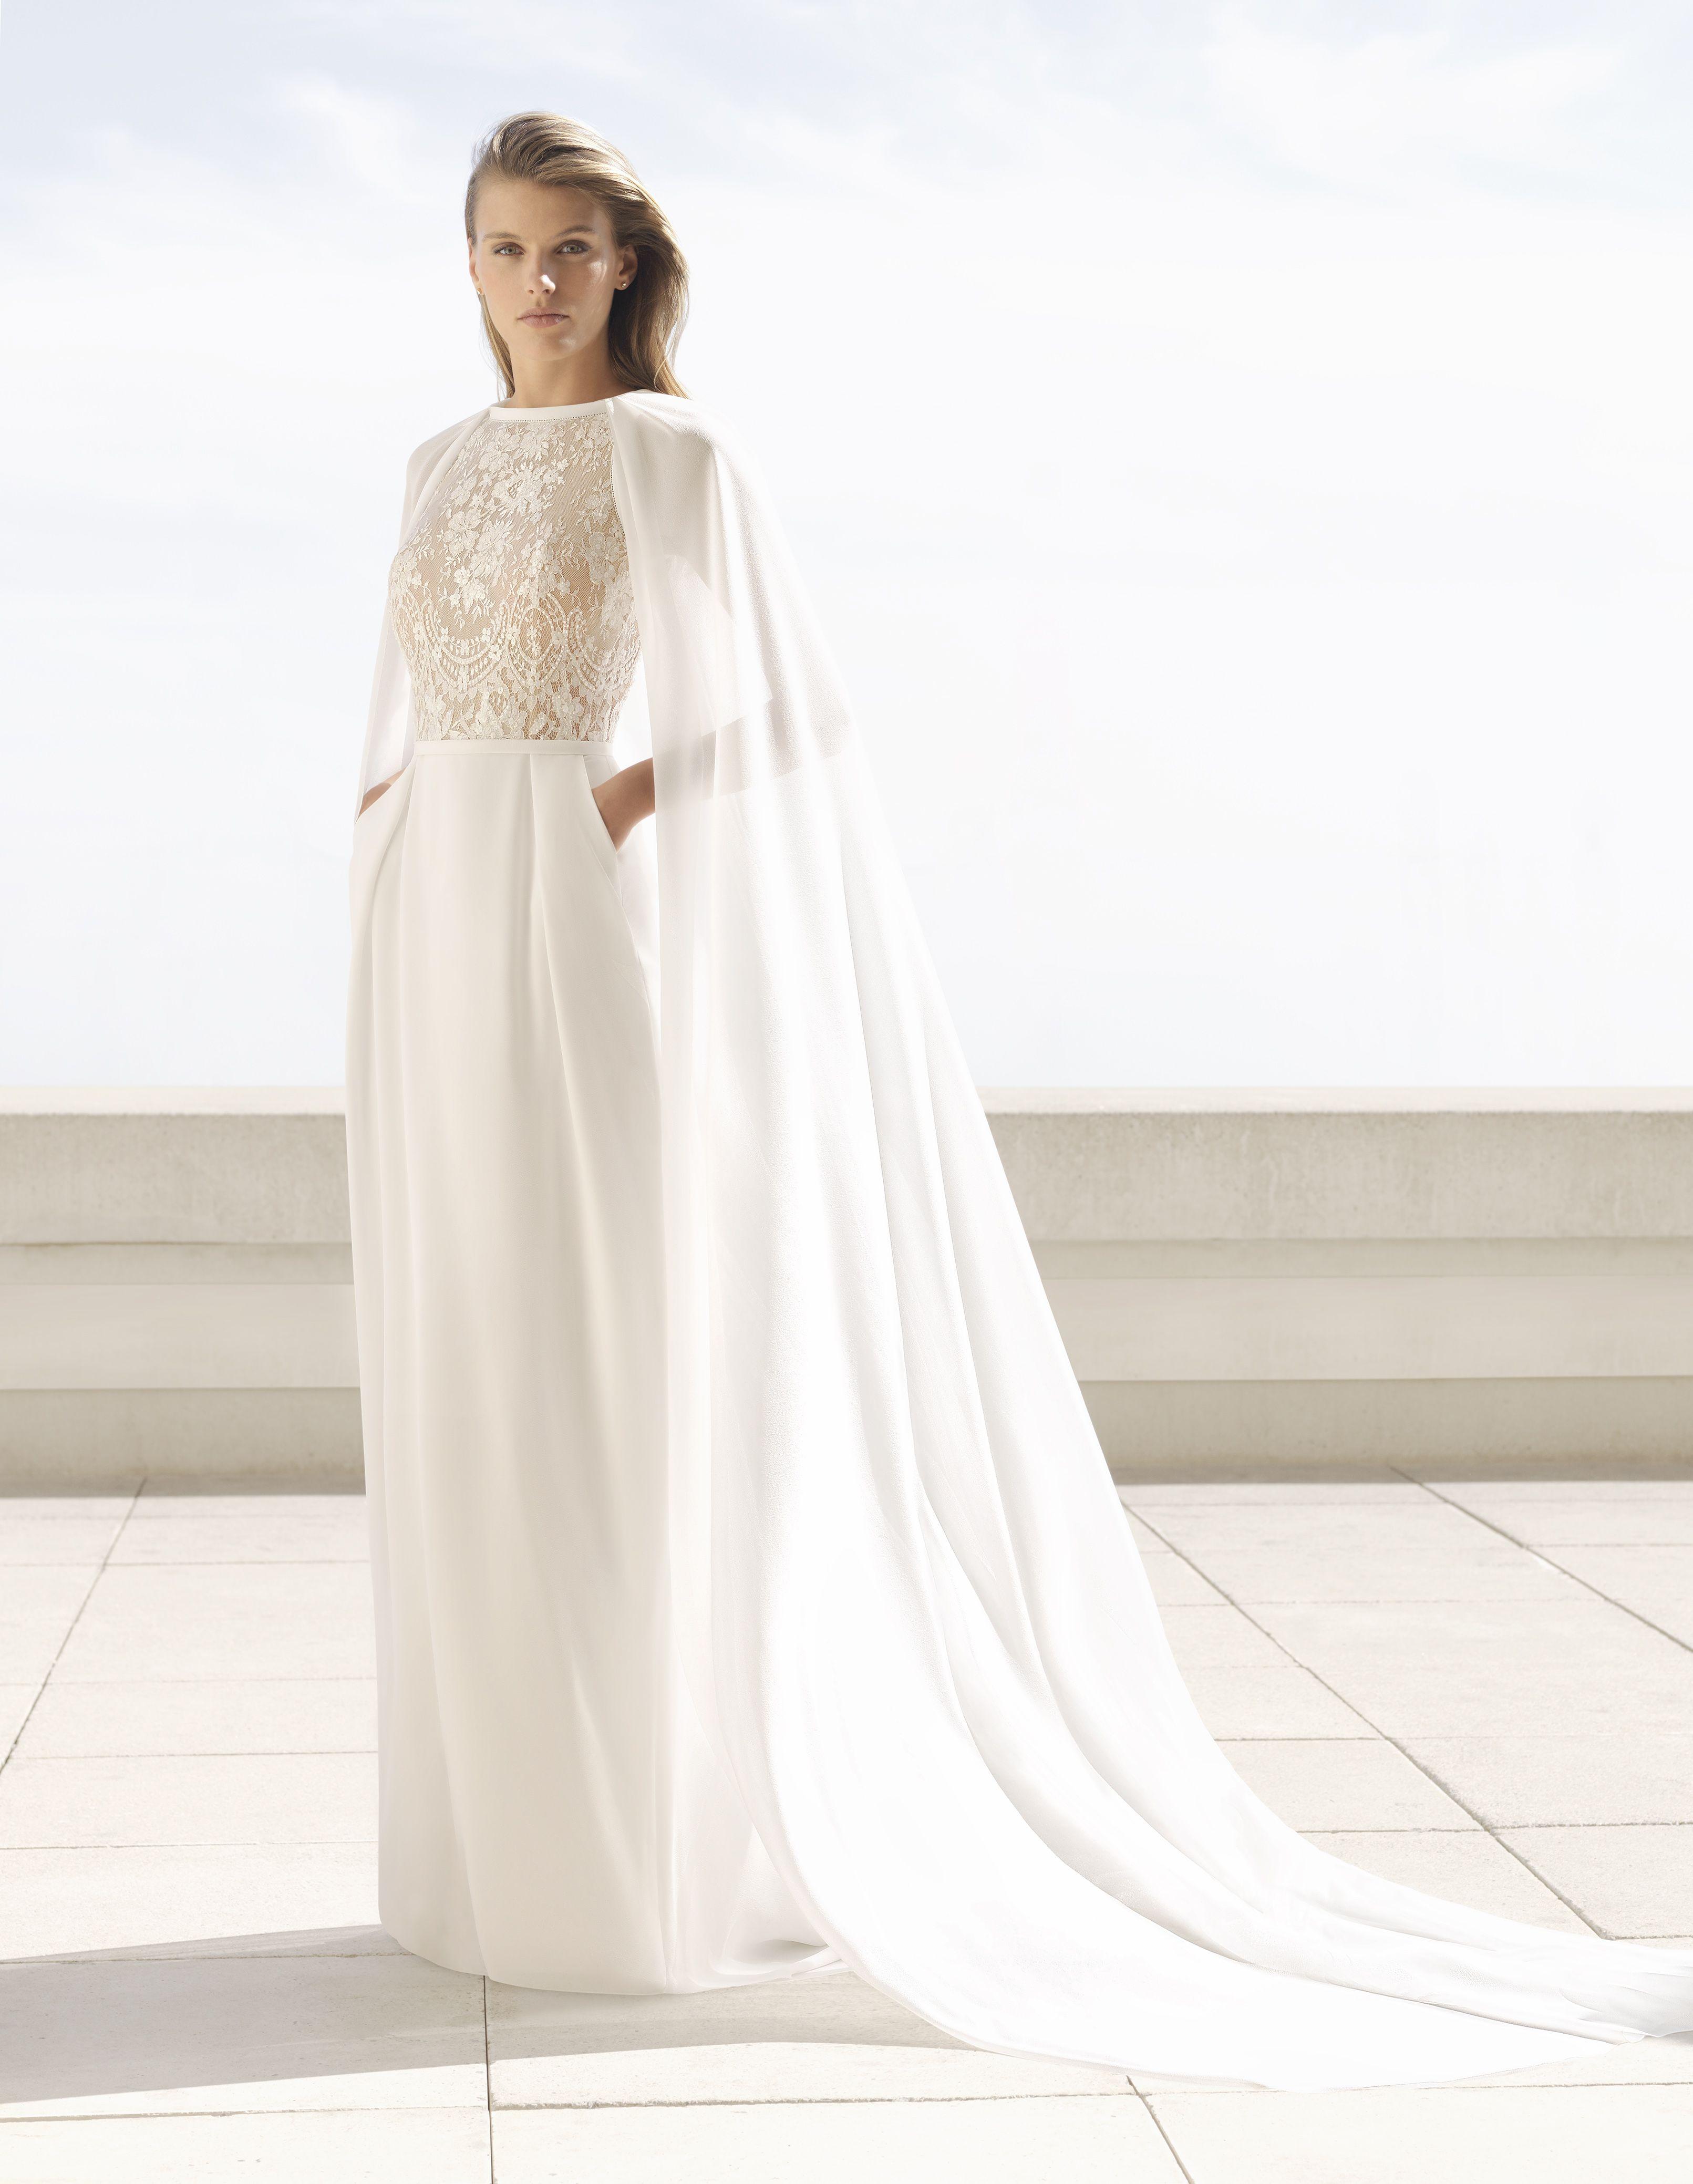 ef3daffcf Vestidos de novia y fiesta - Descubre las nuevas colecciones